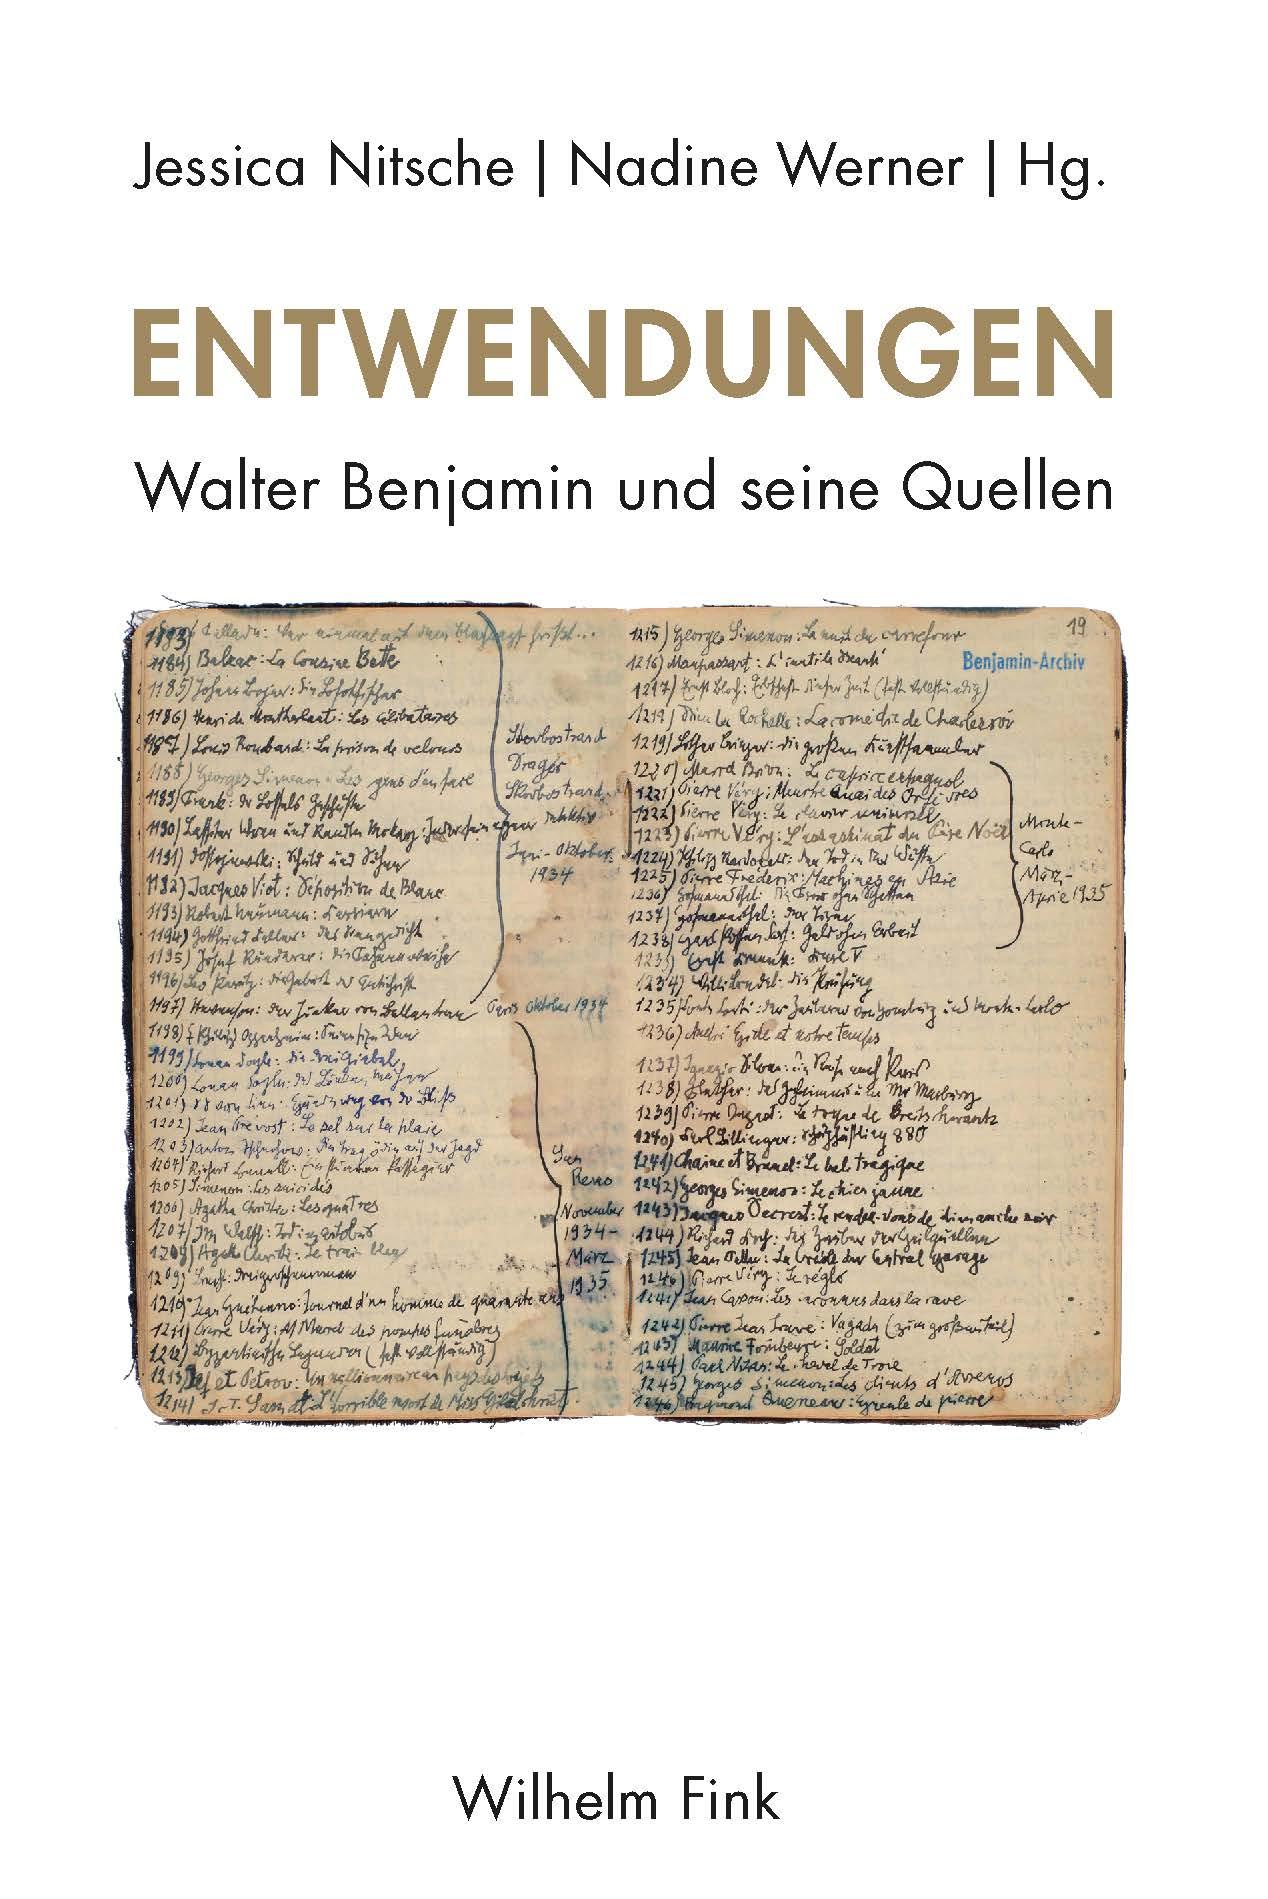 Walter Benjamin In: Entwendungen concernant Poeme Voeux Nouvel An